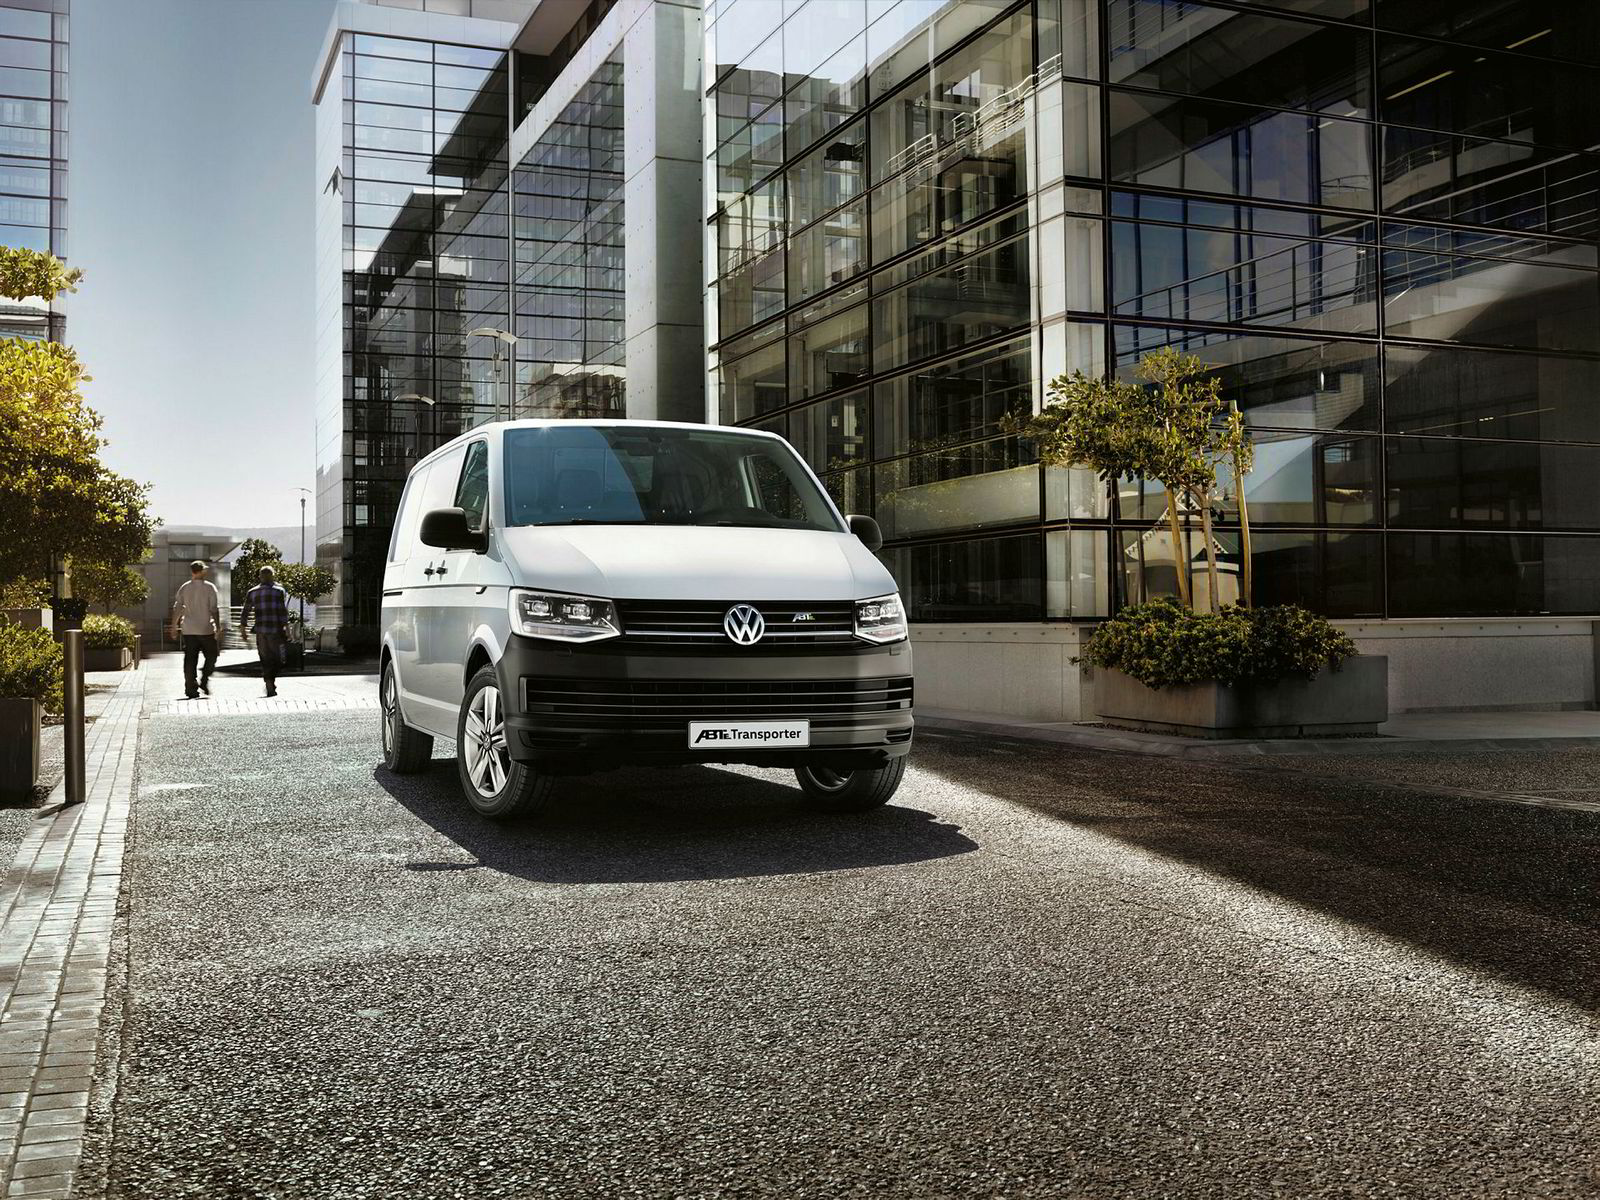 Volkswagen ABT e-Transporter.